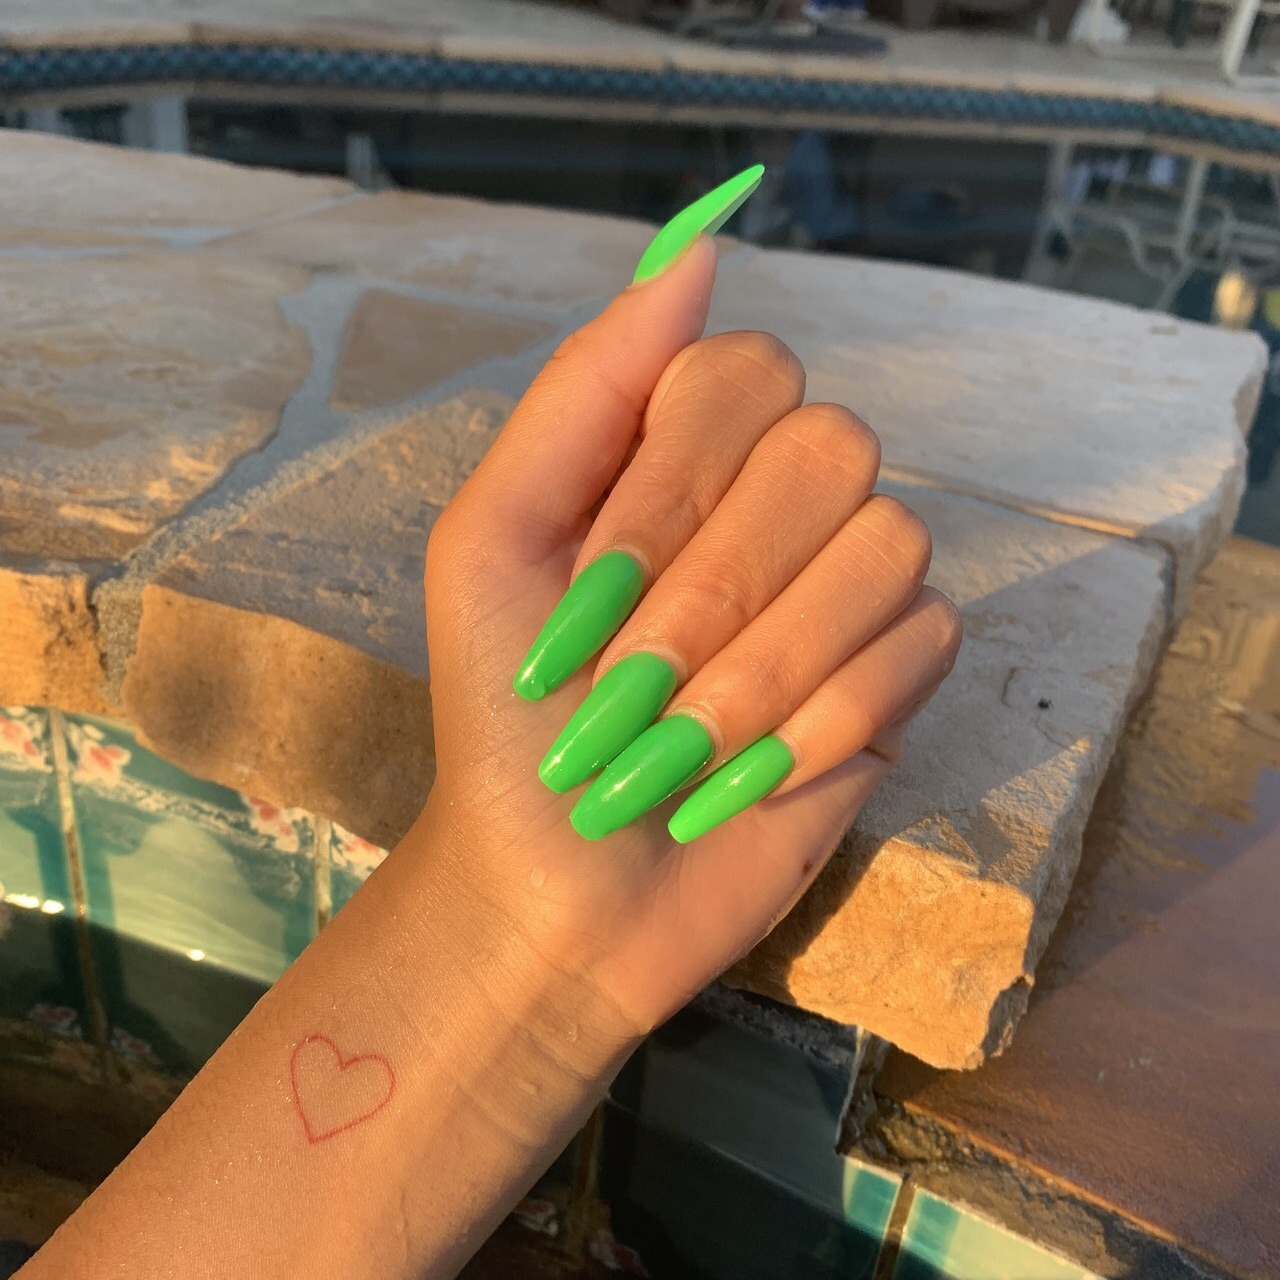 Immagine di nails, green, and neon